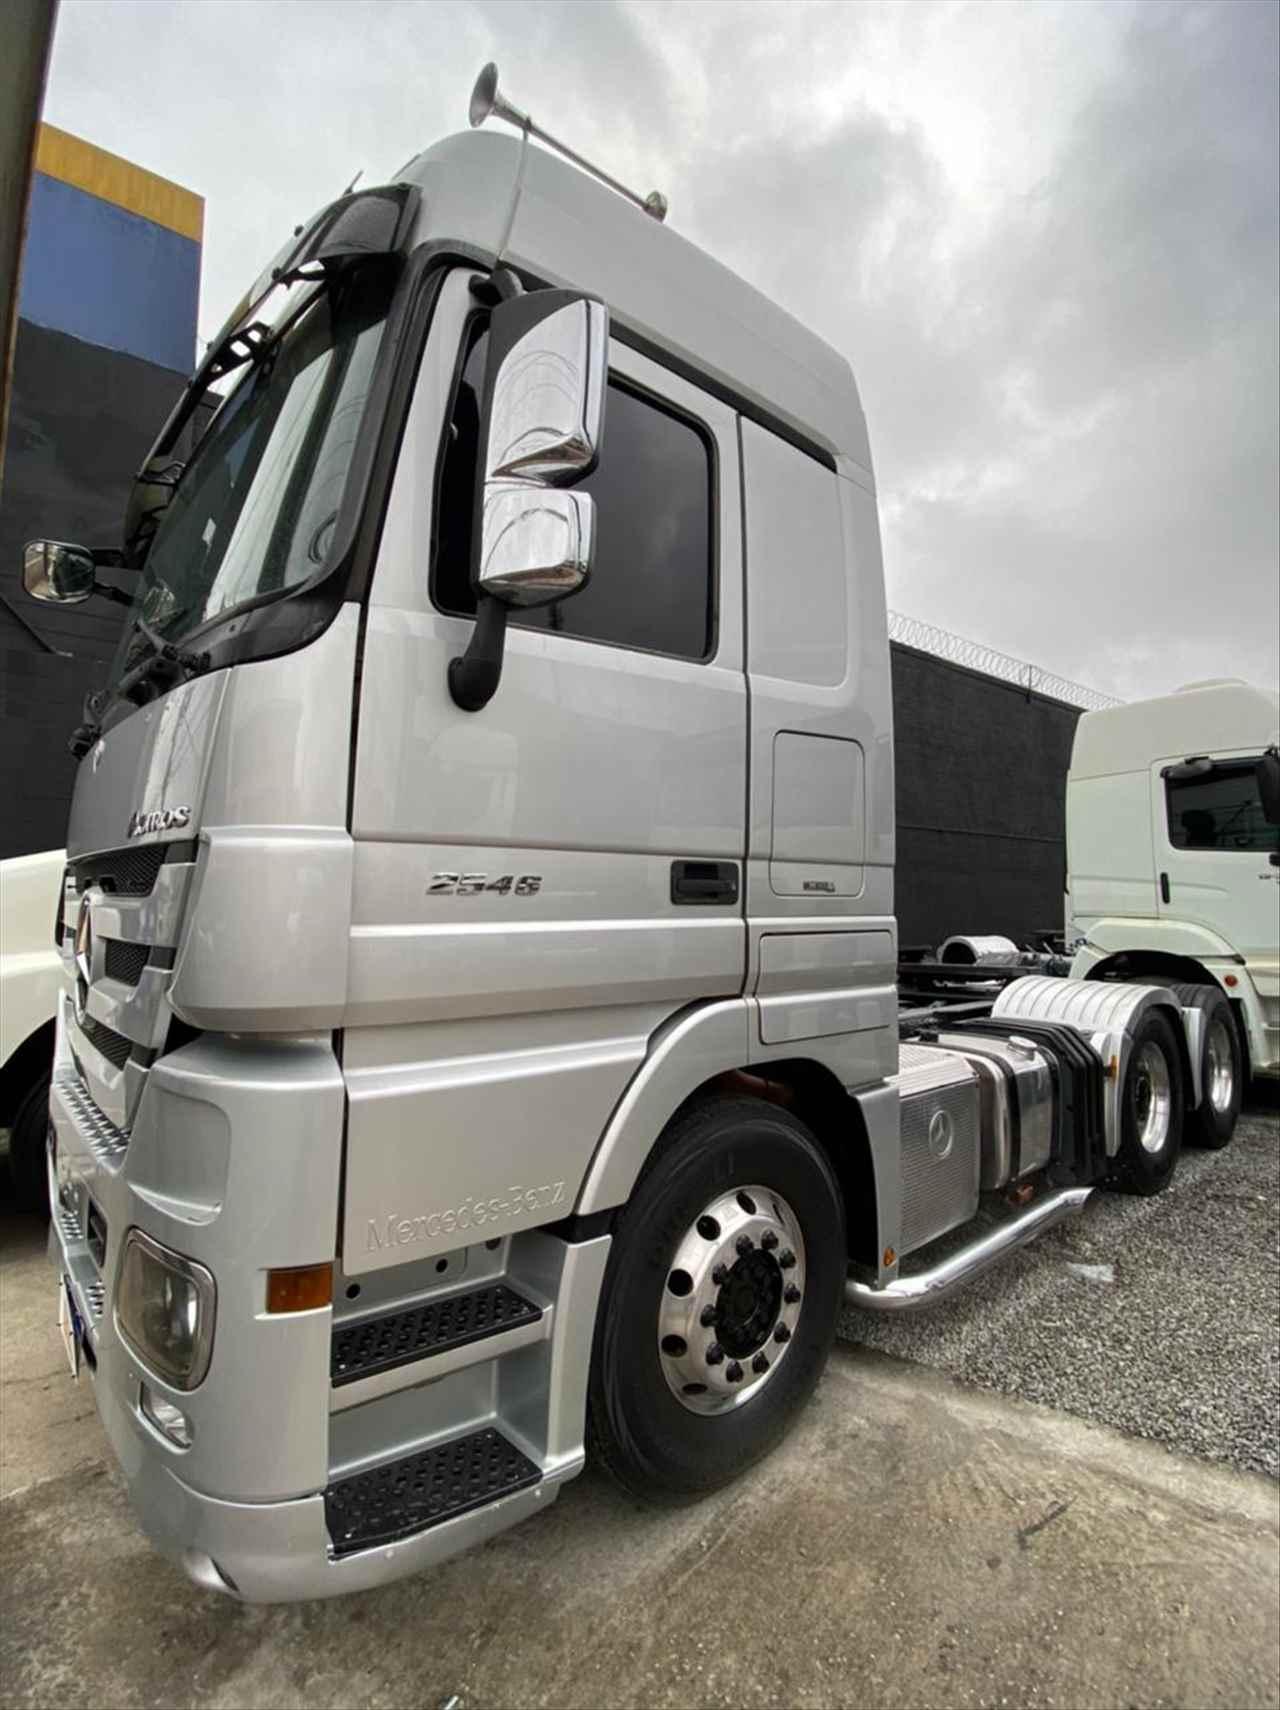 CAMINHAO MERCEDES-BENZ MB 2546 Cavalo Mecânico Truck 6x2 Wilson Caminhões RIBEIRAO PIRES SÃO PAULO SP